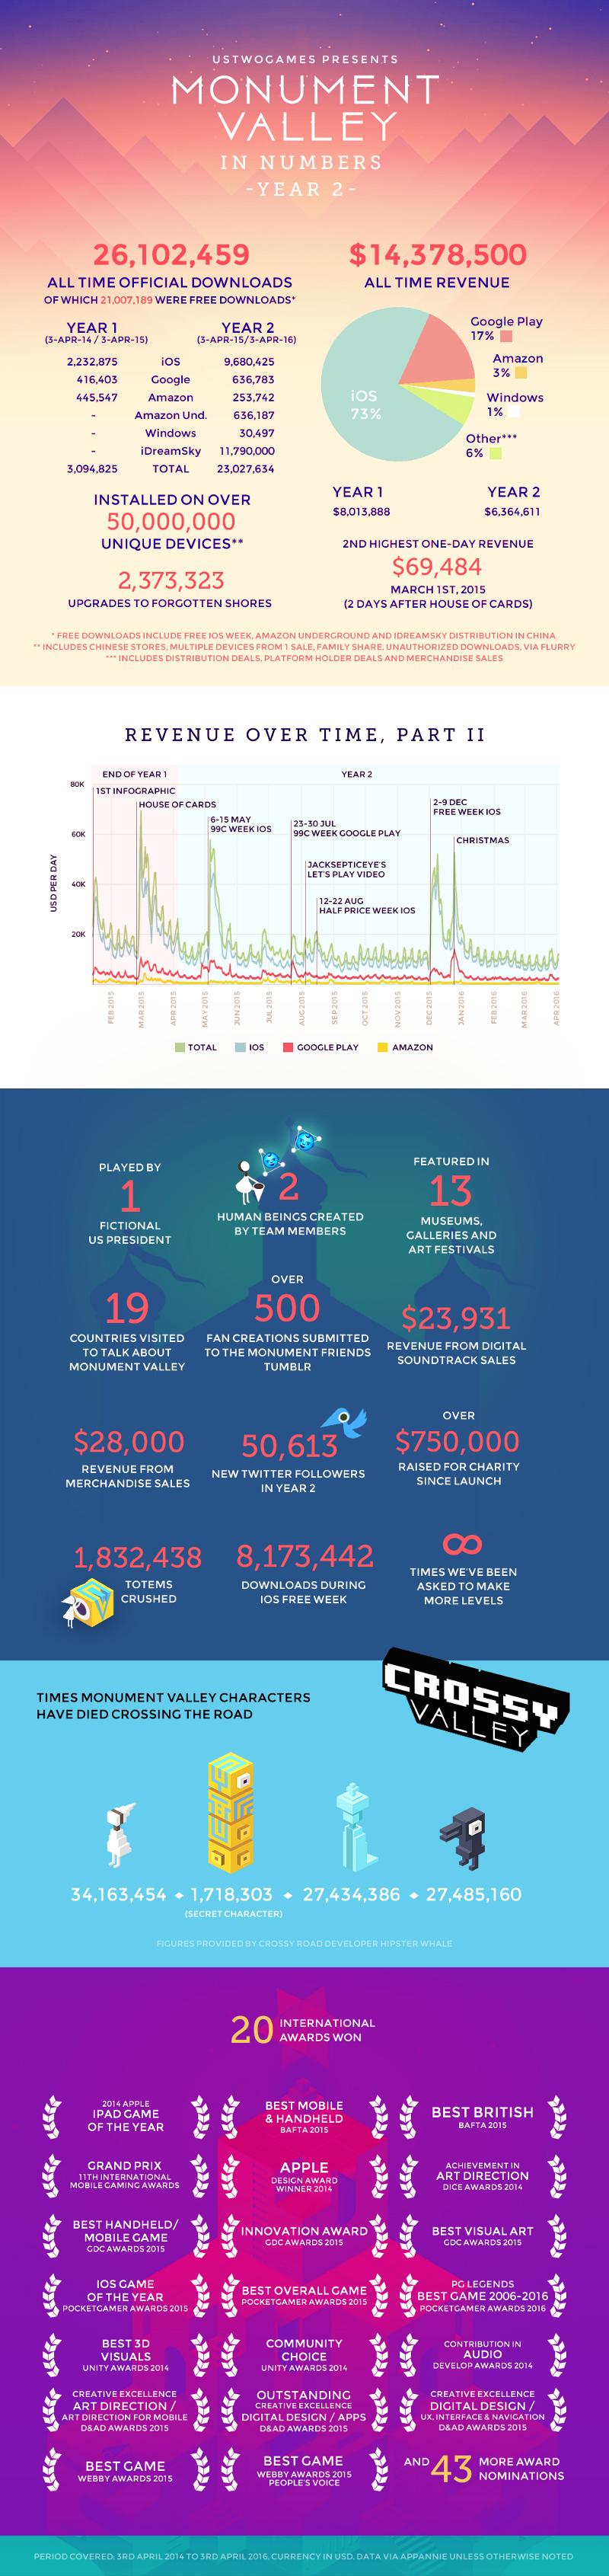 Monument Valley celebra su segundo aniversario superando los 26 millones de copias